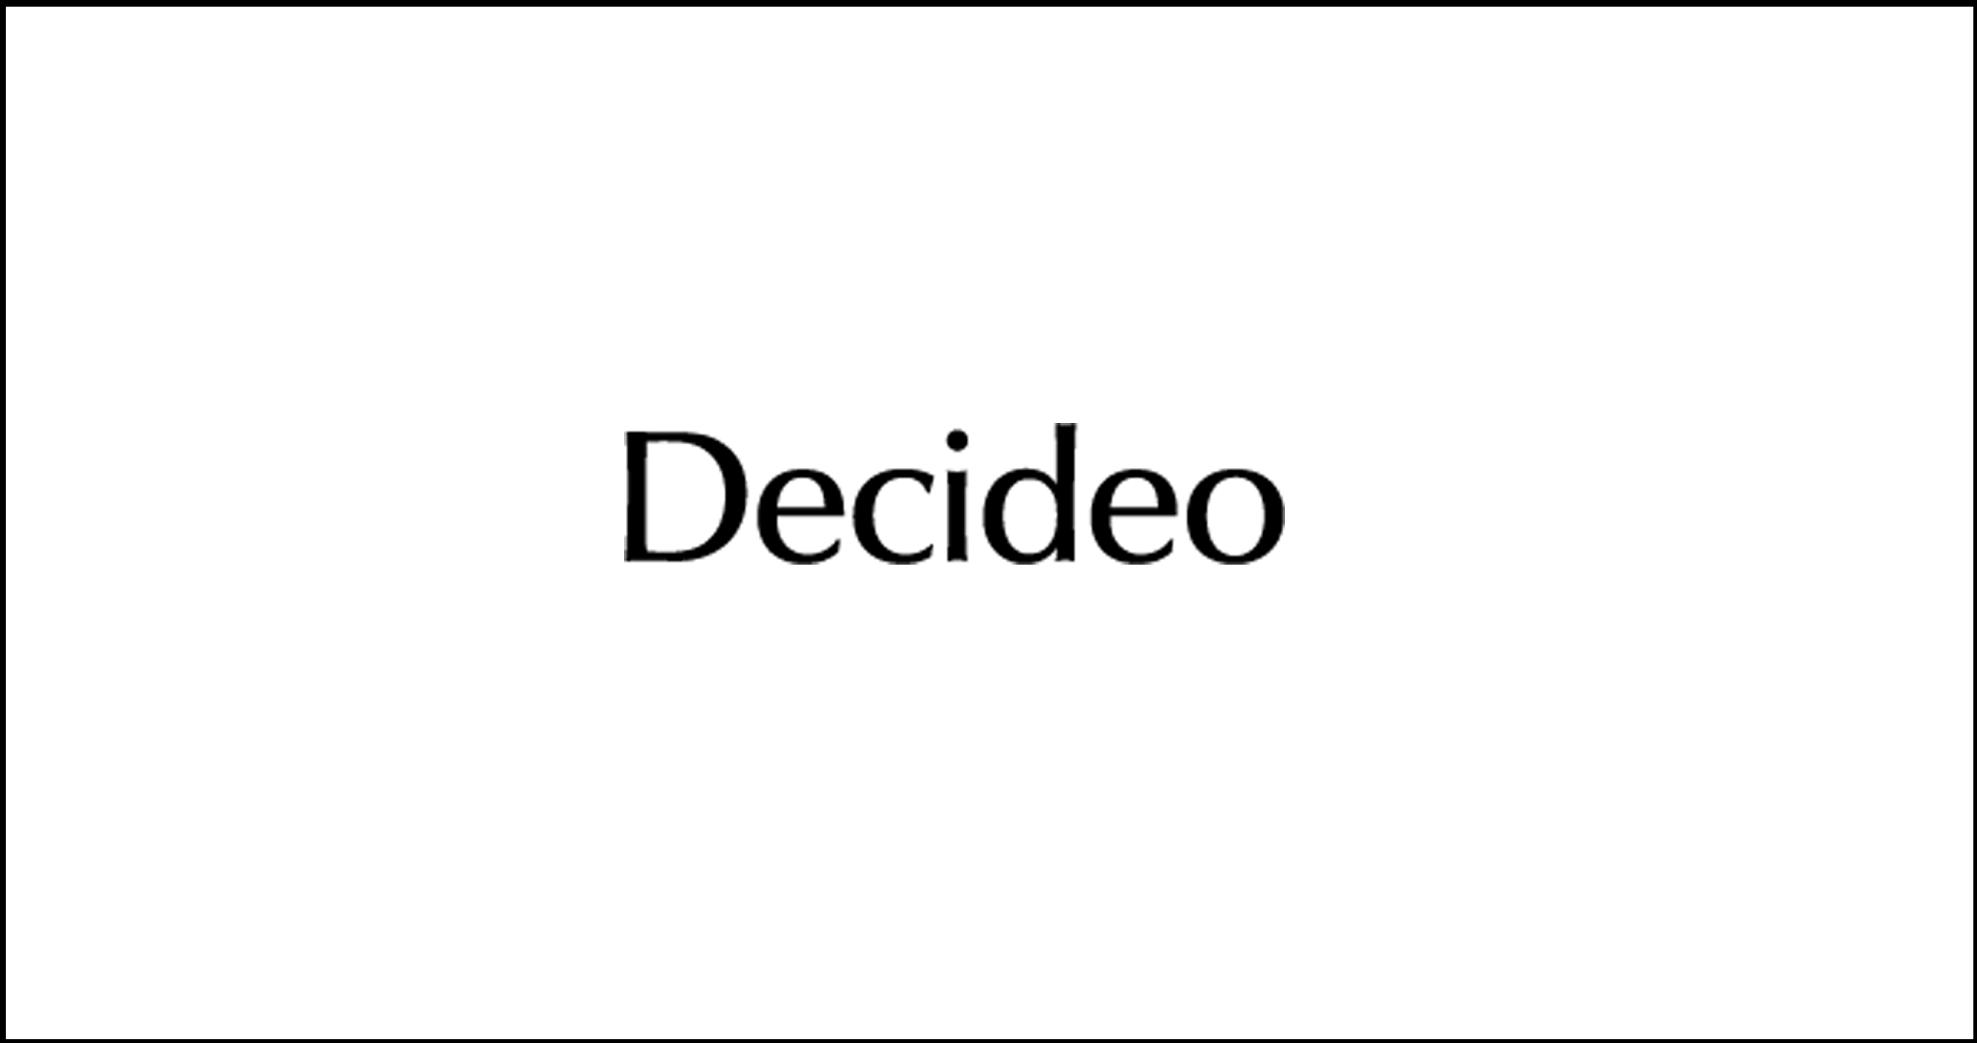 Invenis Decideo